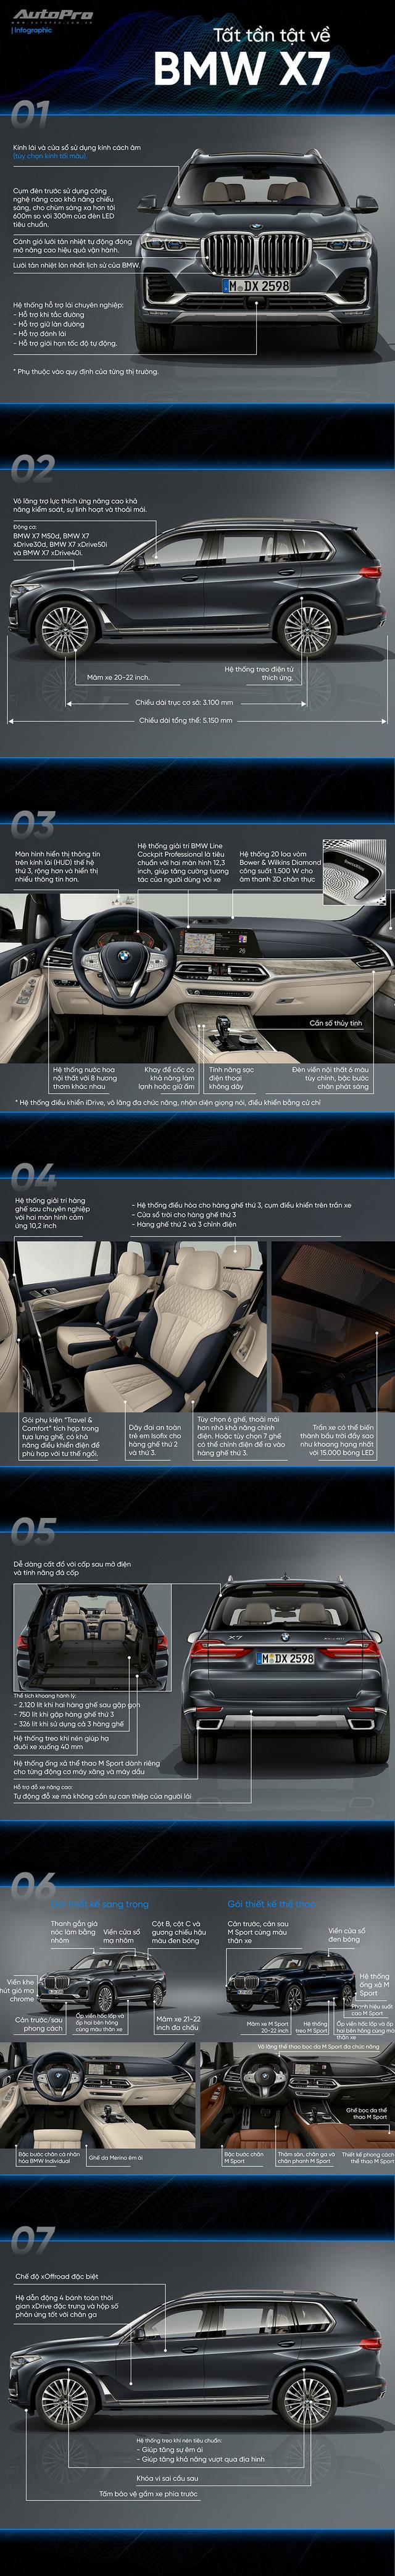 Tất cả những điều bạn cần biết về BMW X7 mới ra mắt - Ảnh 1.